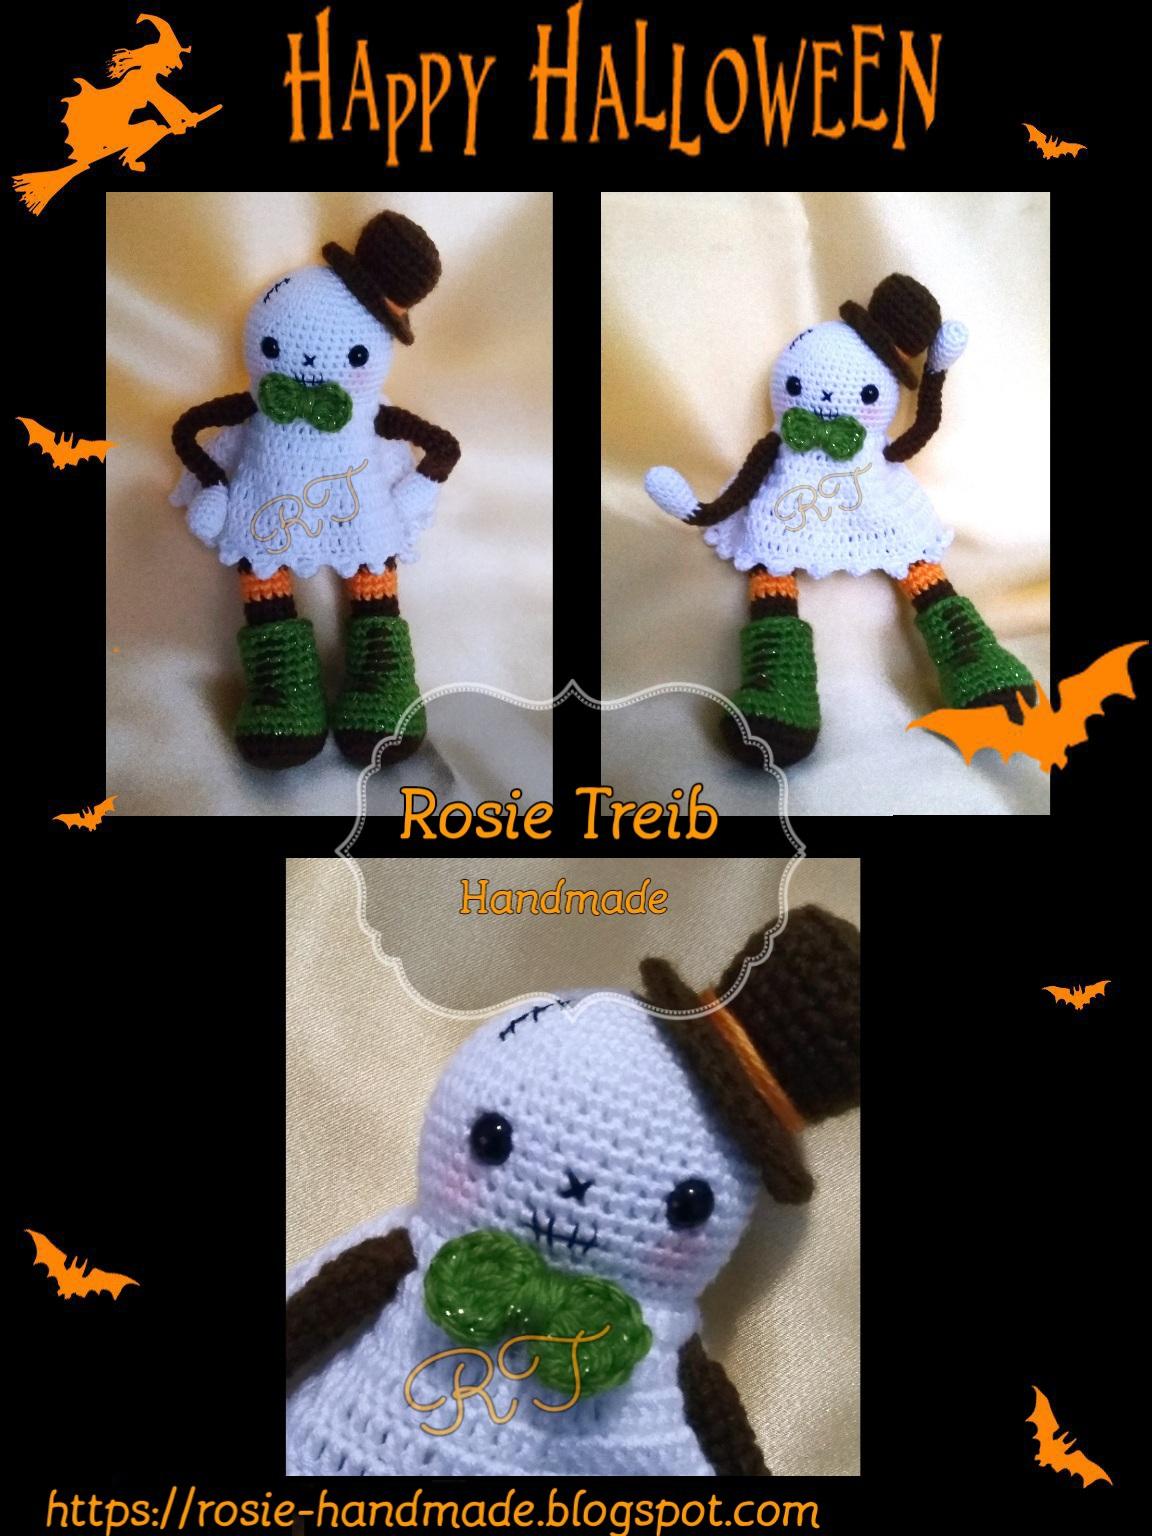 Ice Cream Snowman crochet pattern - Amigurumi Today | 1536x1152